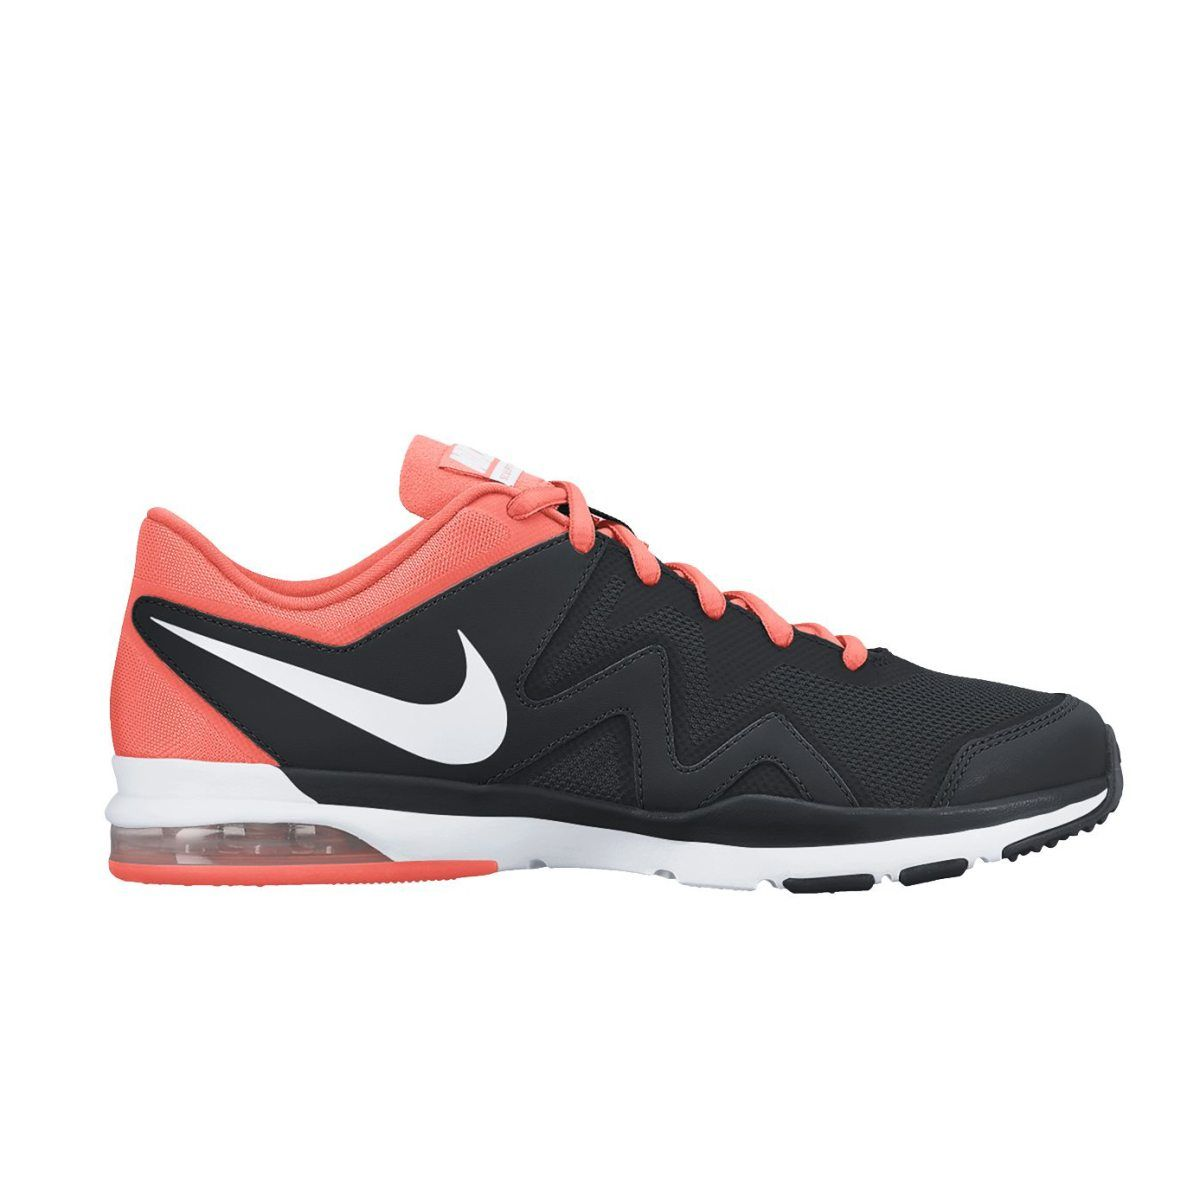 separation shoes 6a504 6d75b Air Sculpt Tr 2 W, treningssko dame Sculpting, Nike Air, Style, Fashion